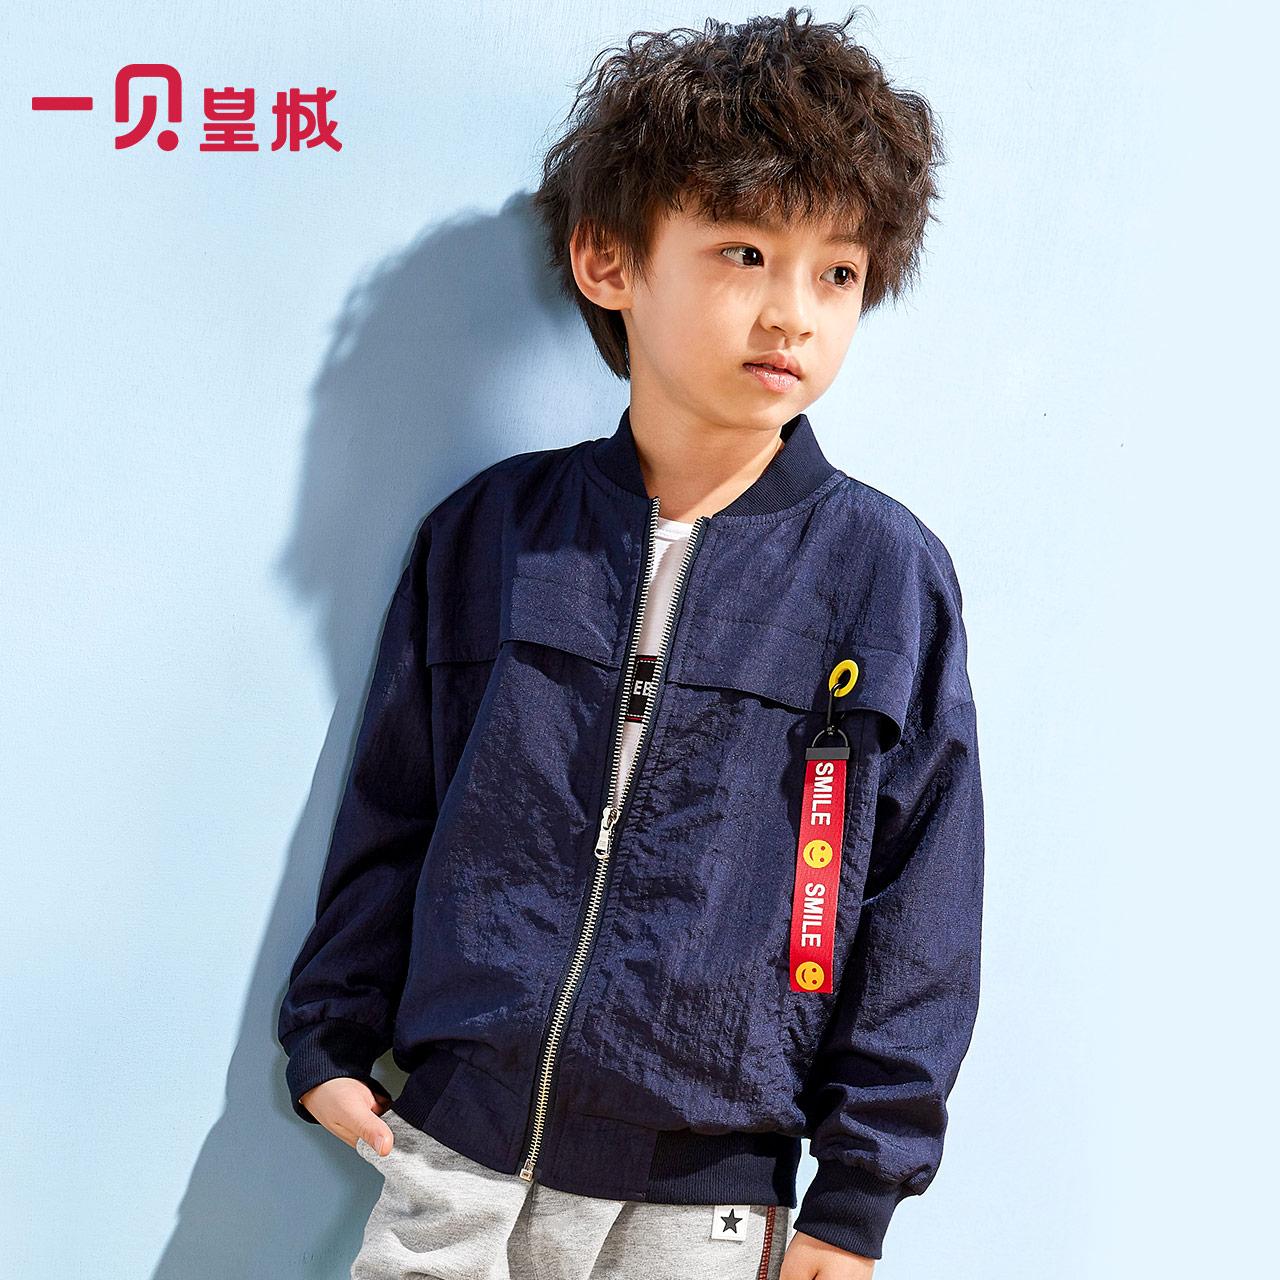 一贝皇城男童夹克2018春季新款中大童儿童舒适时尚休闲外套韩版潮